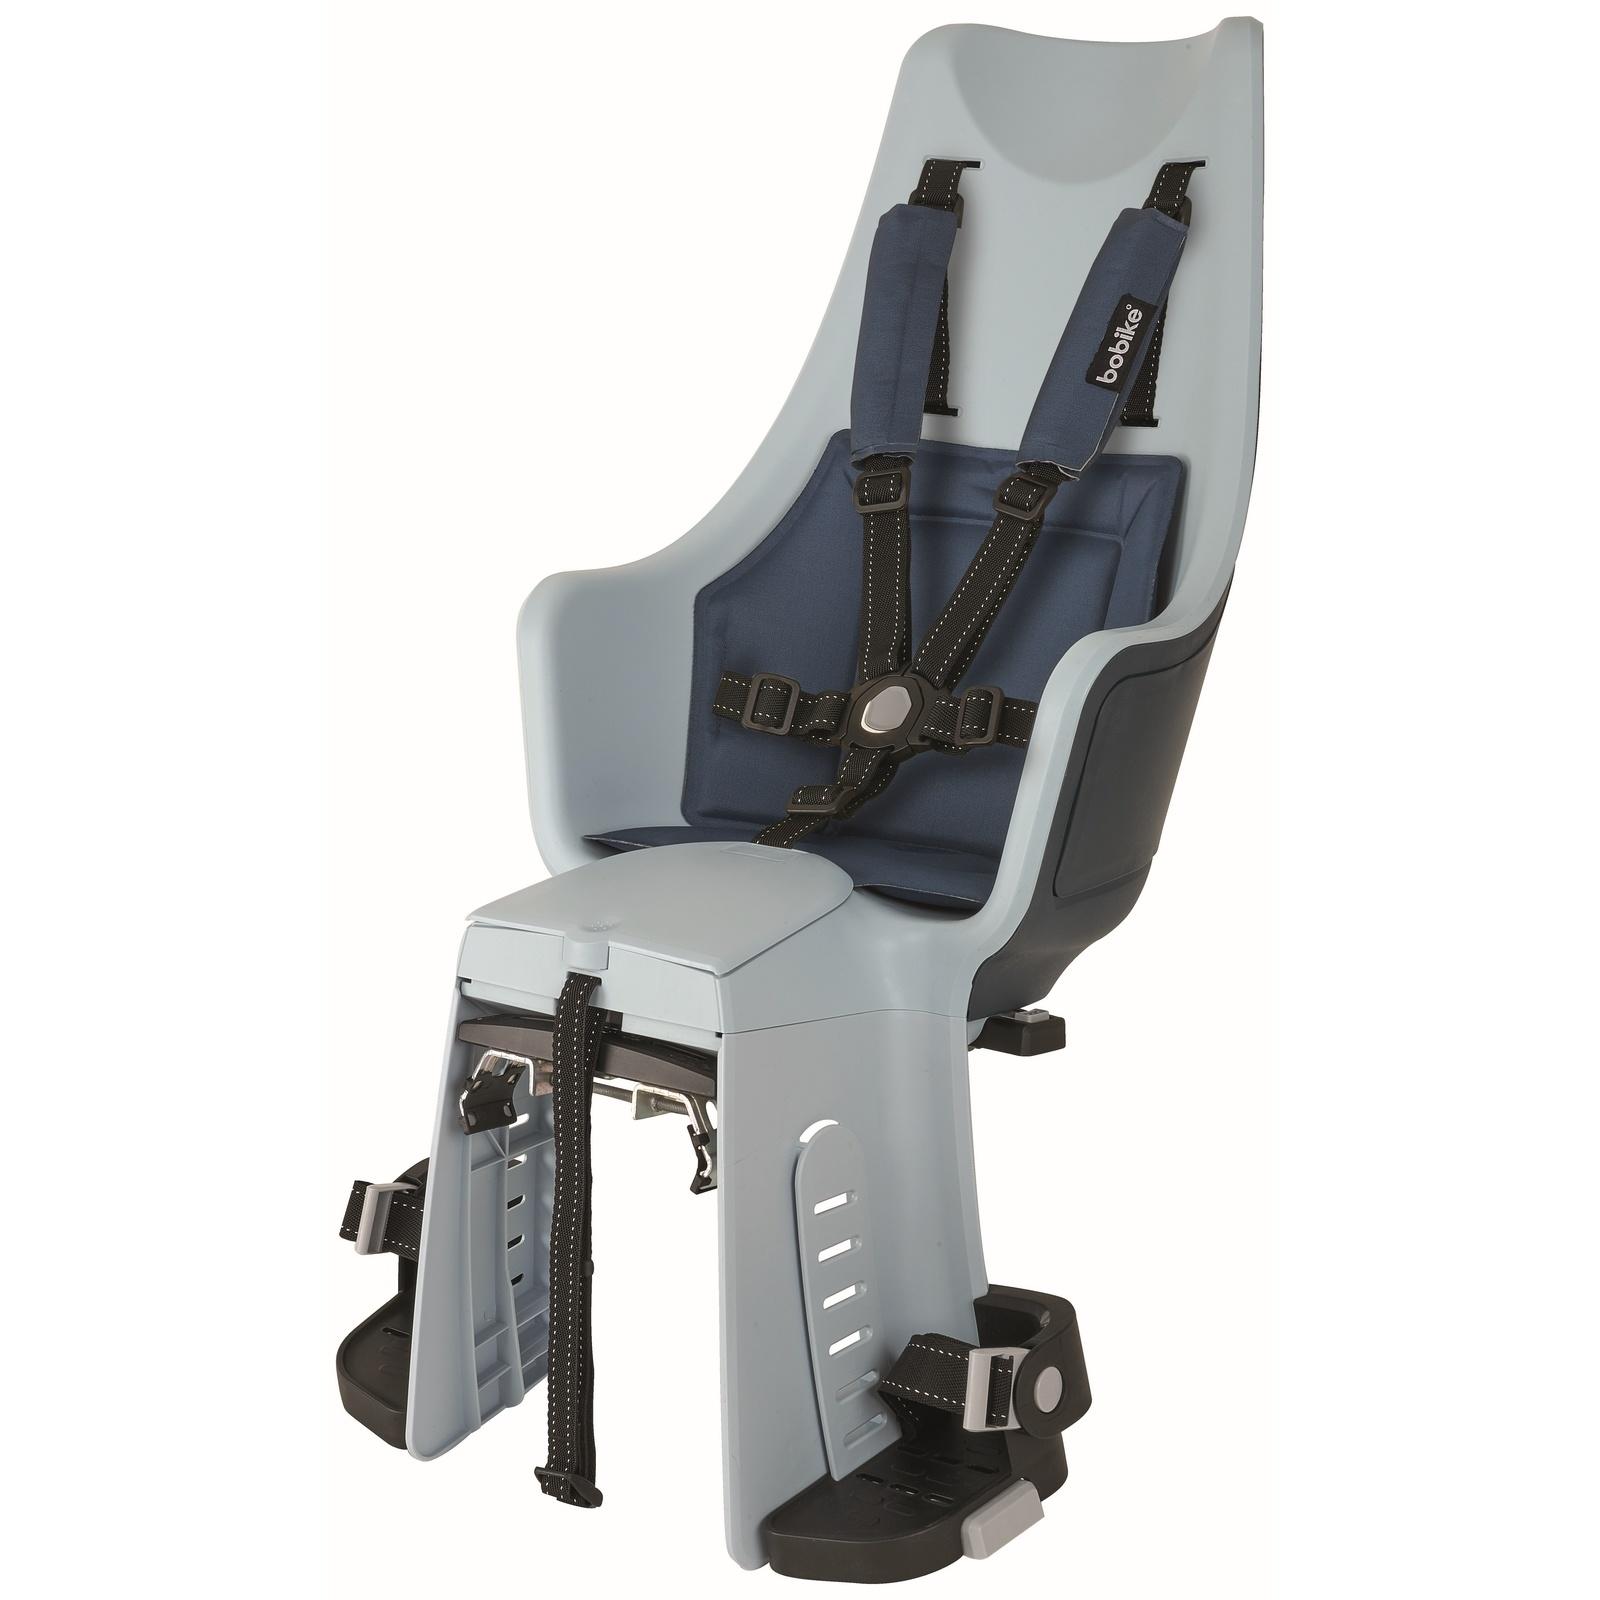 Maxi Exclusive Plus Denim Deluxe achterstoeltje met Elektrische Fiets Bevestiging